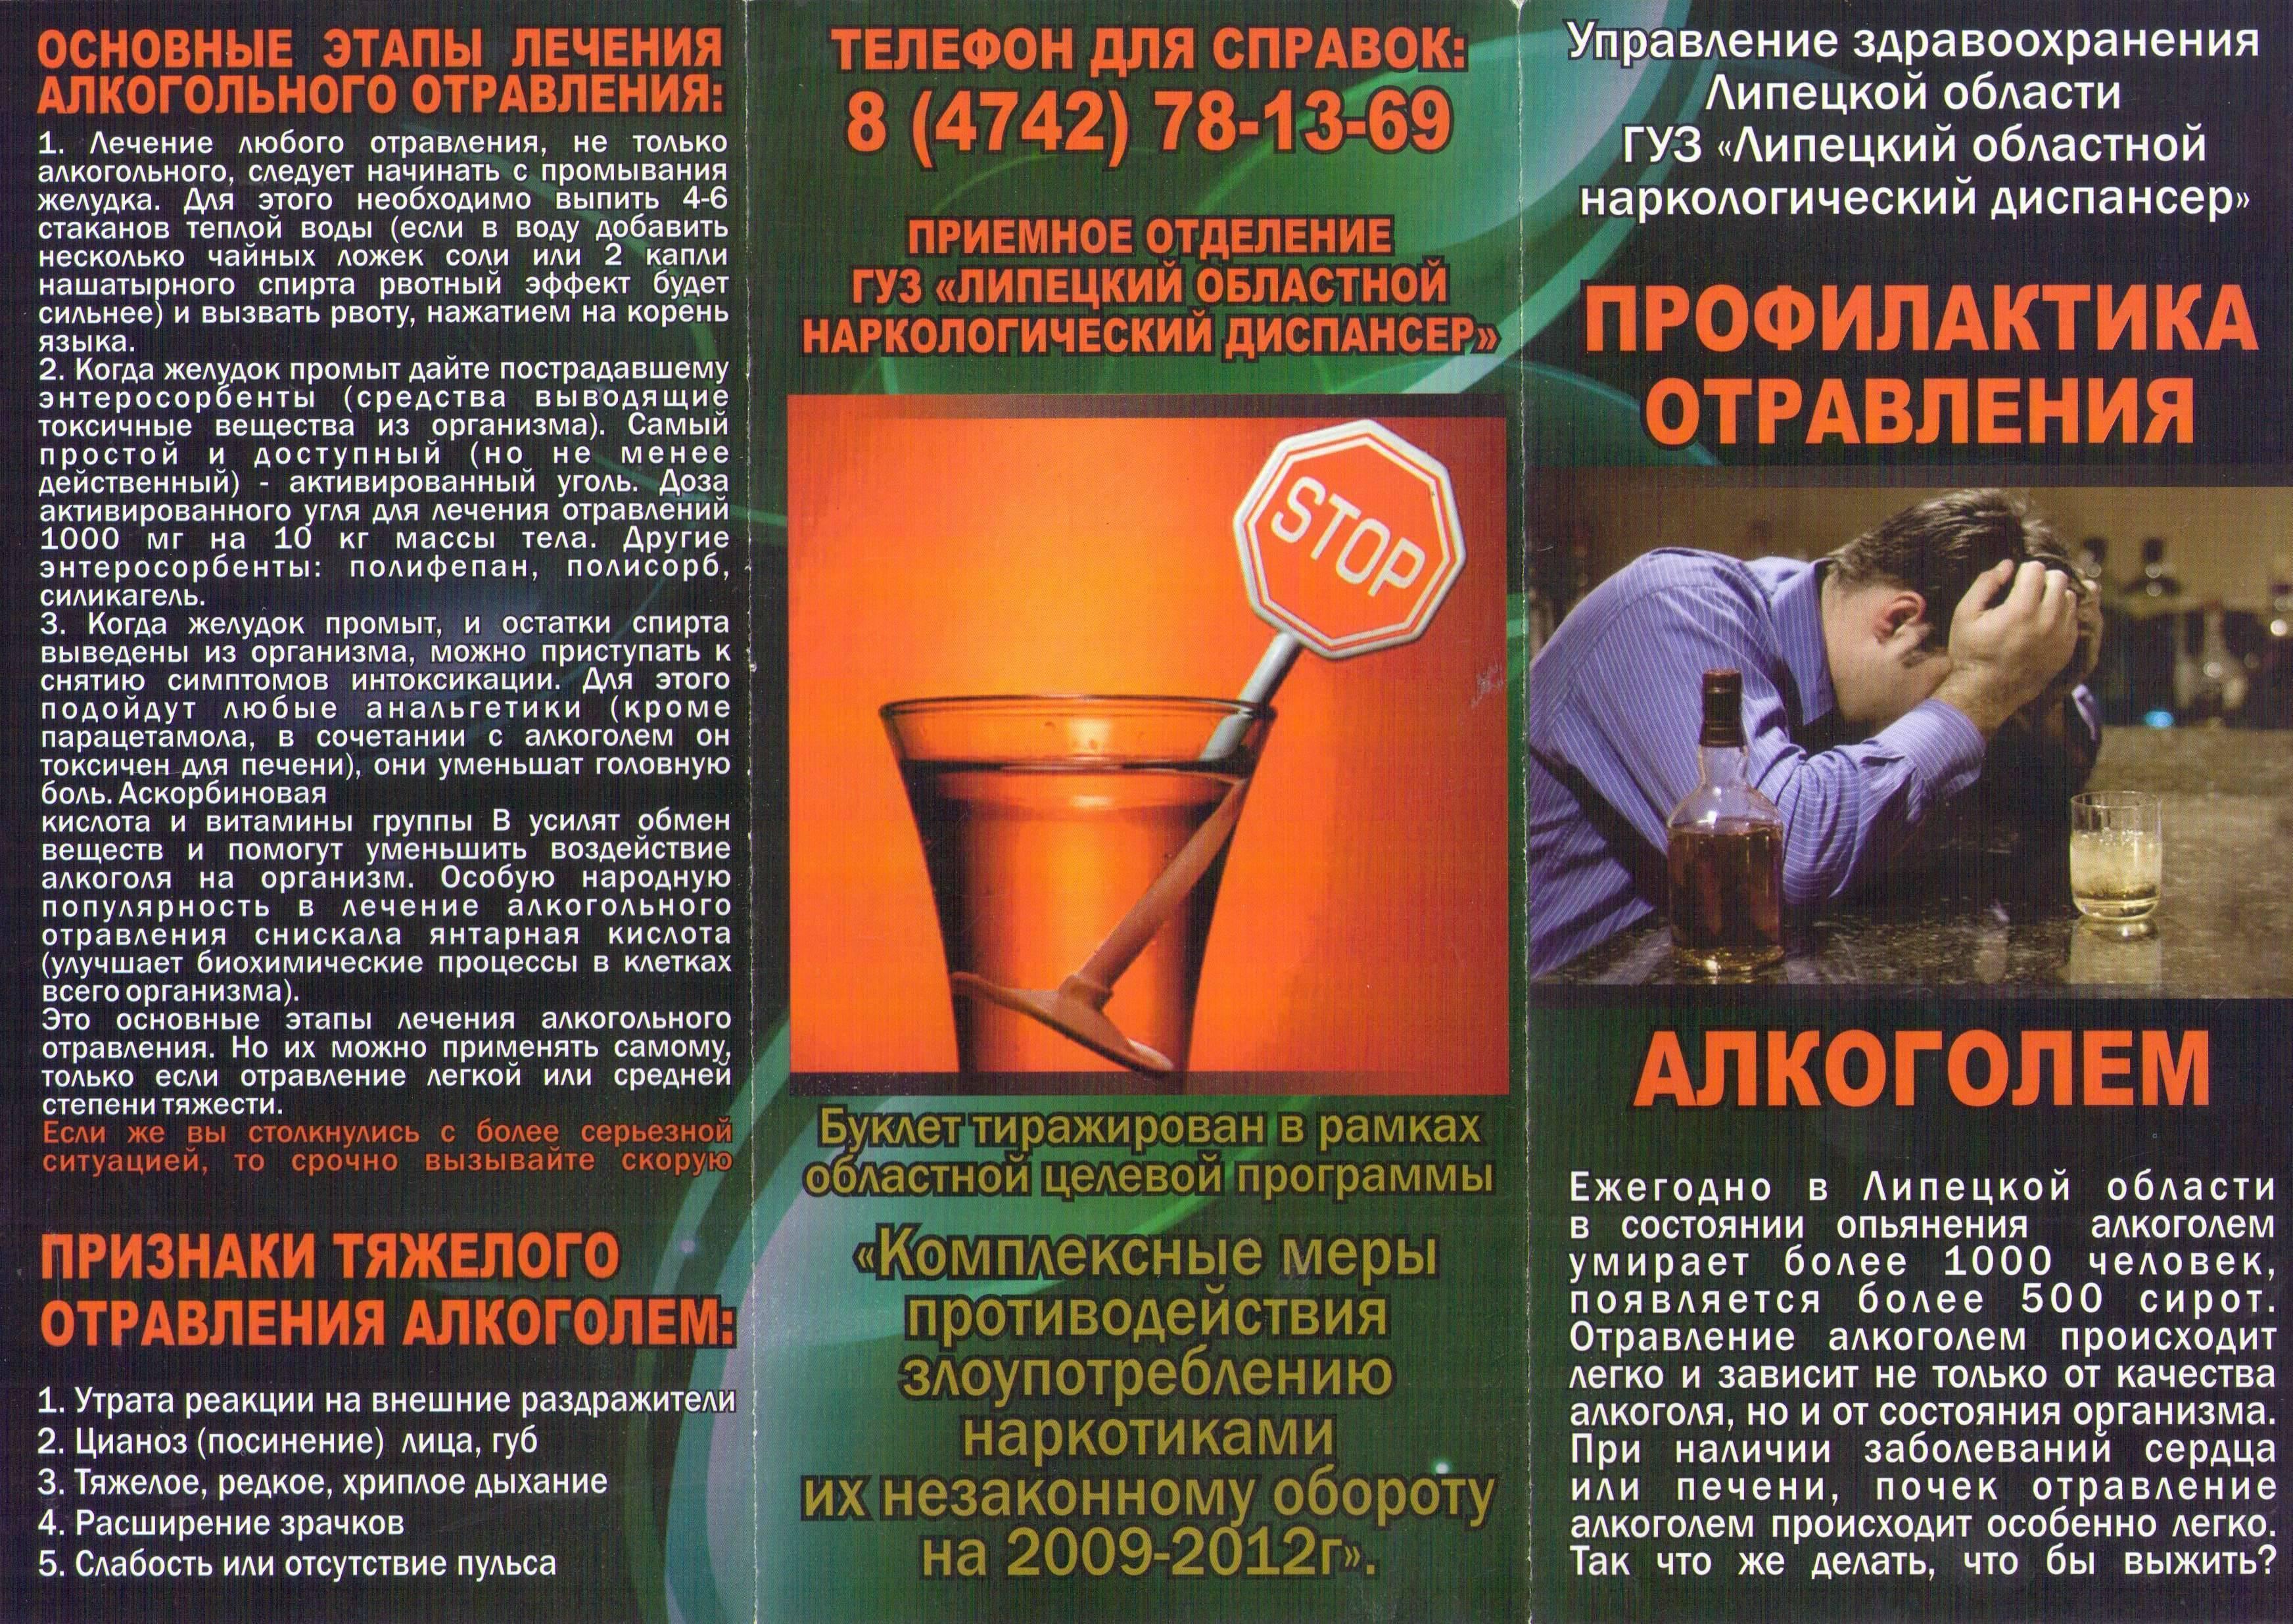 Отравление пивом - симптомы, первая помощь и меры предосторожности